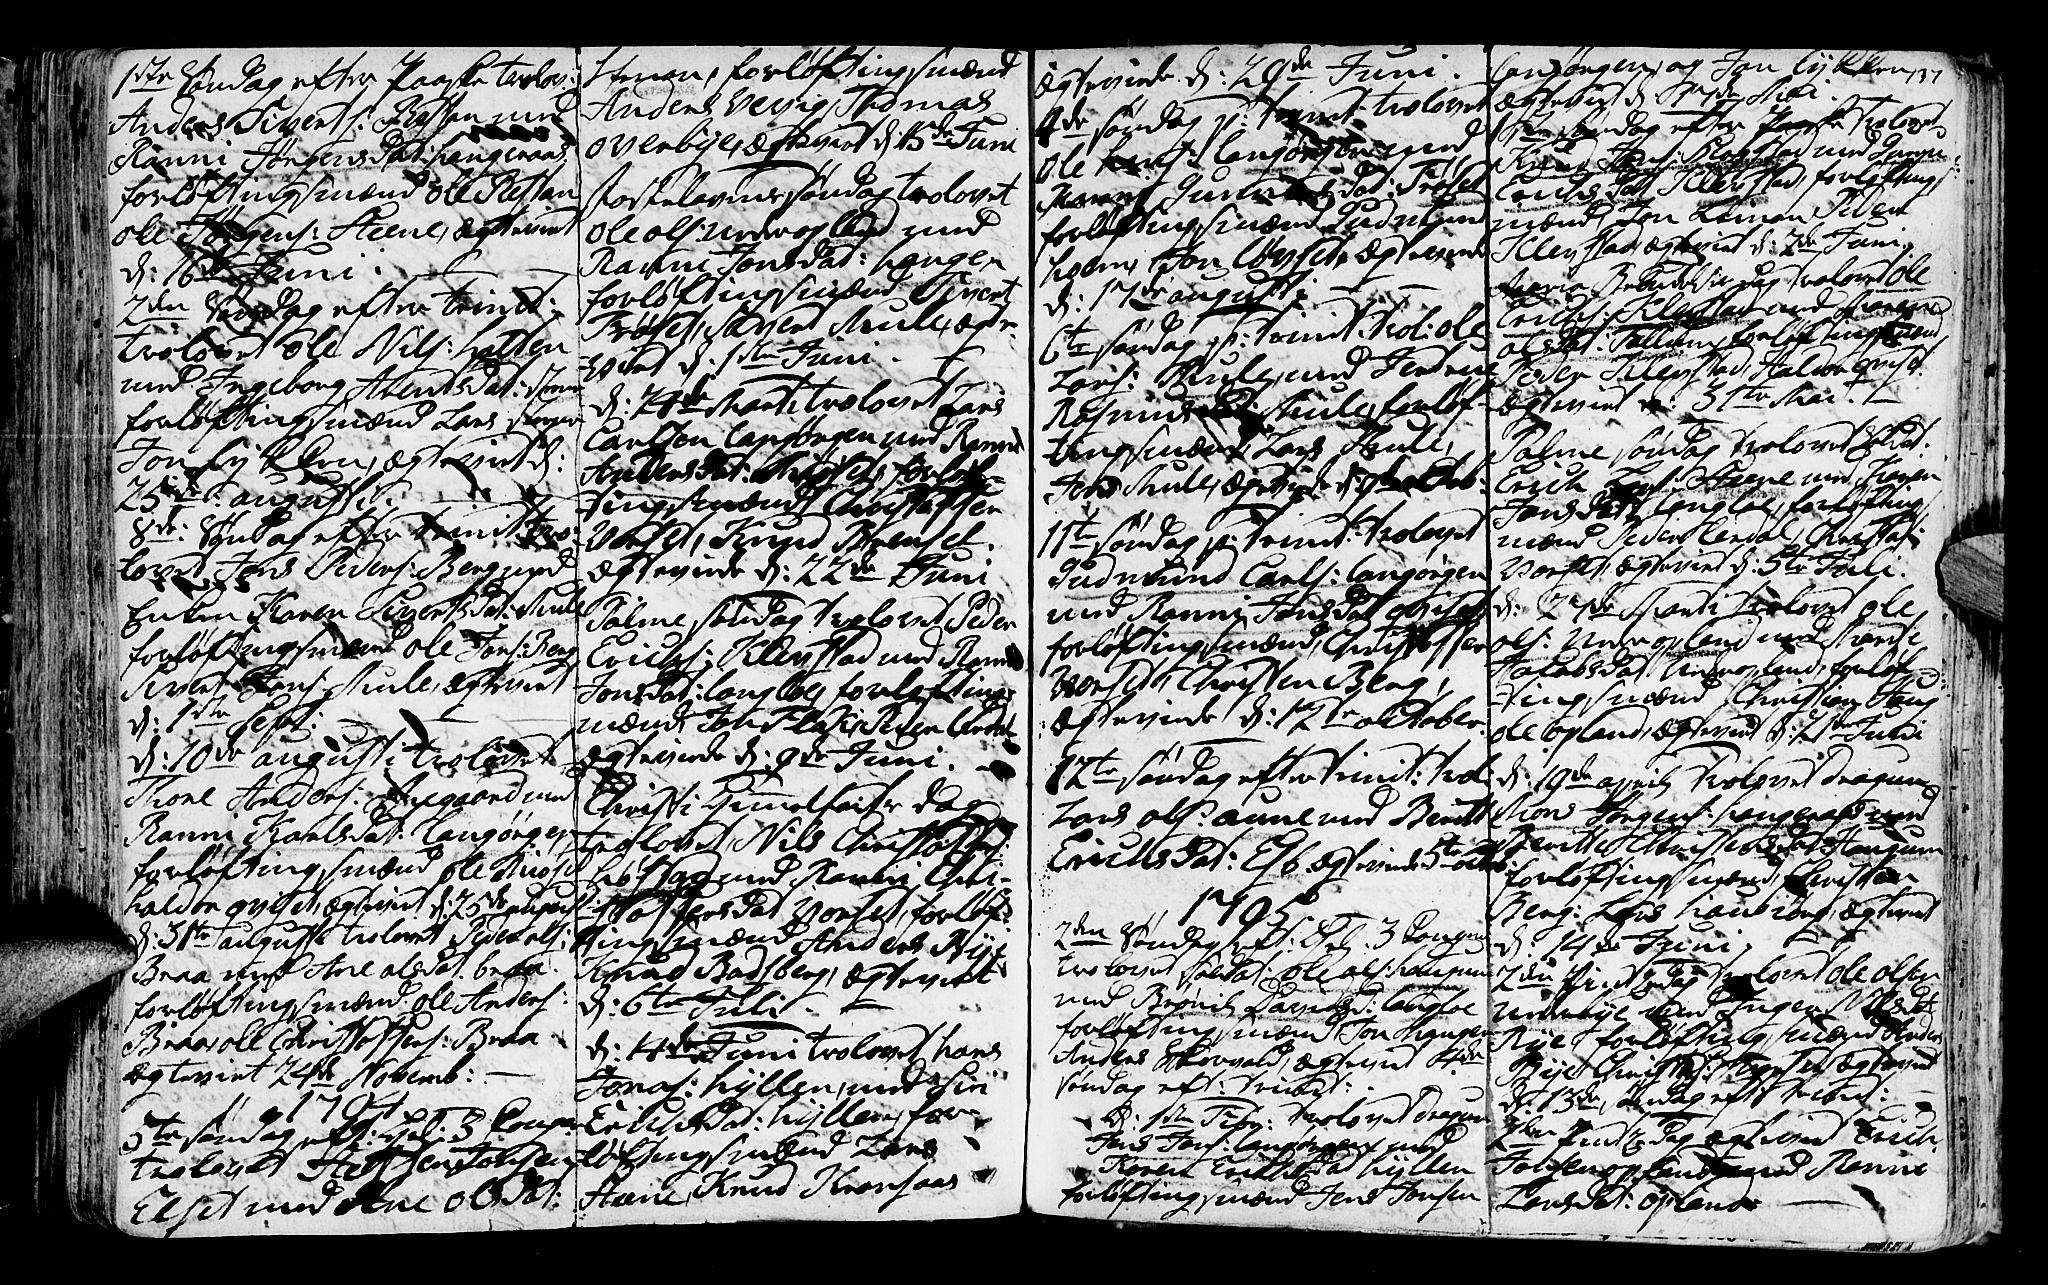 SAT, Ministerialprotokoller, klokkerbøker og fødselsregistre - Sør-Trøndelag, 612/L0370: Ministerialbok nr. 612A04, 1754-1802, s. 137